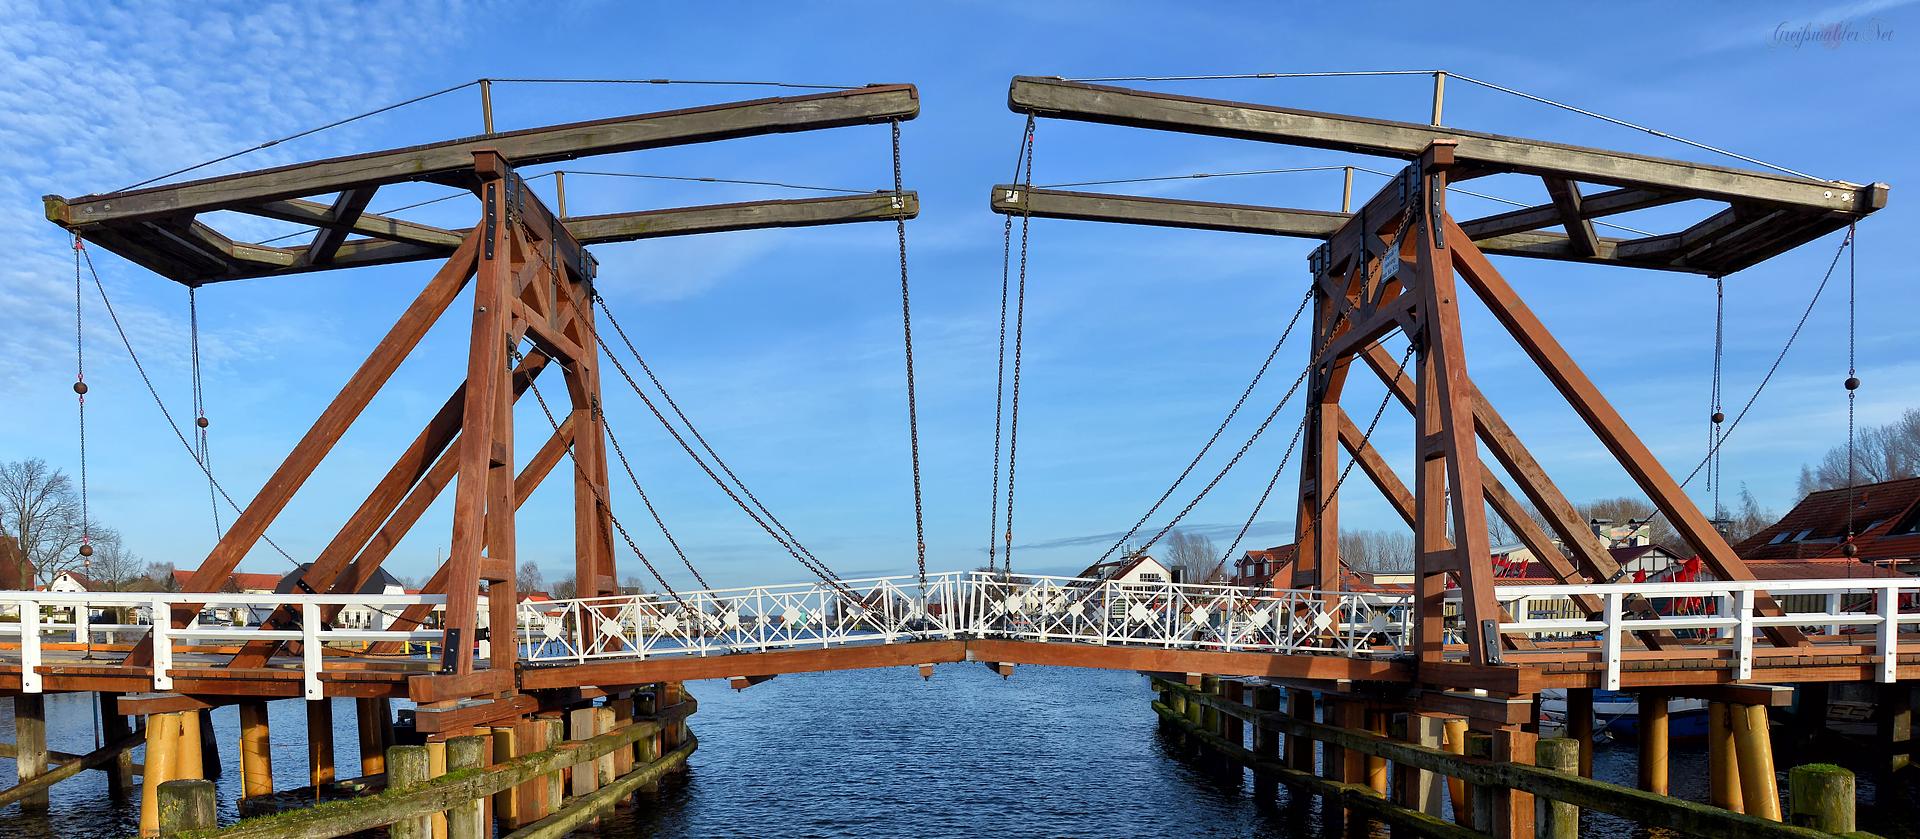 Holzklappbrücke in Greifswald-Wieck nach der Restaurierung Dezember 2015